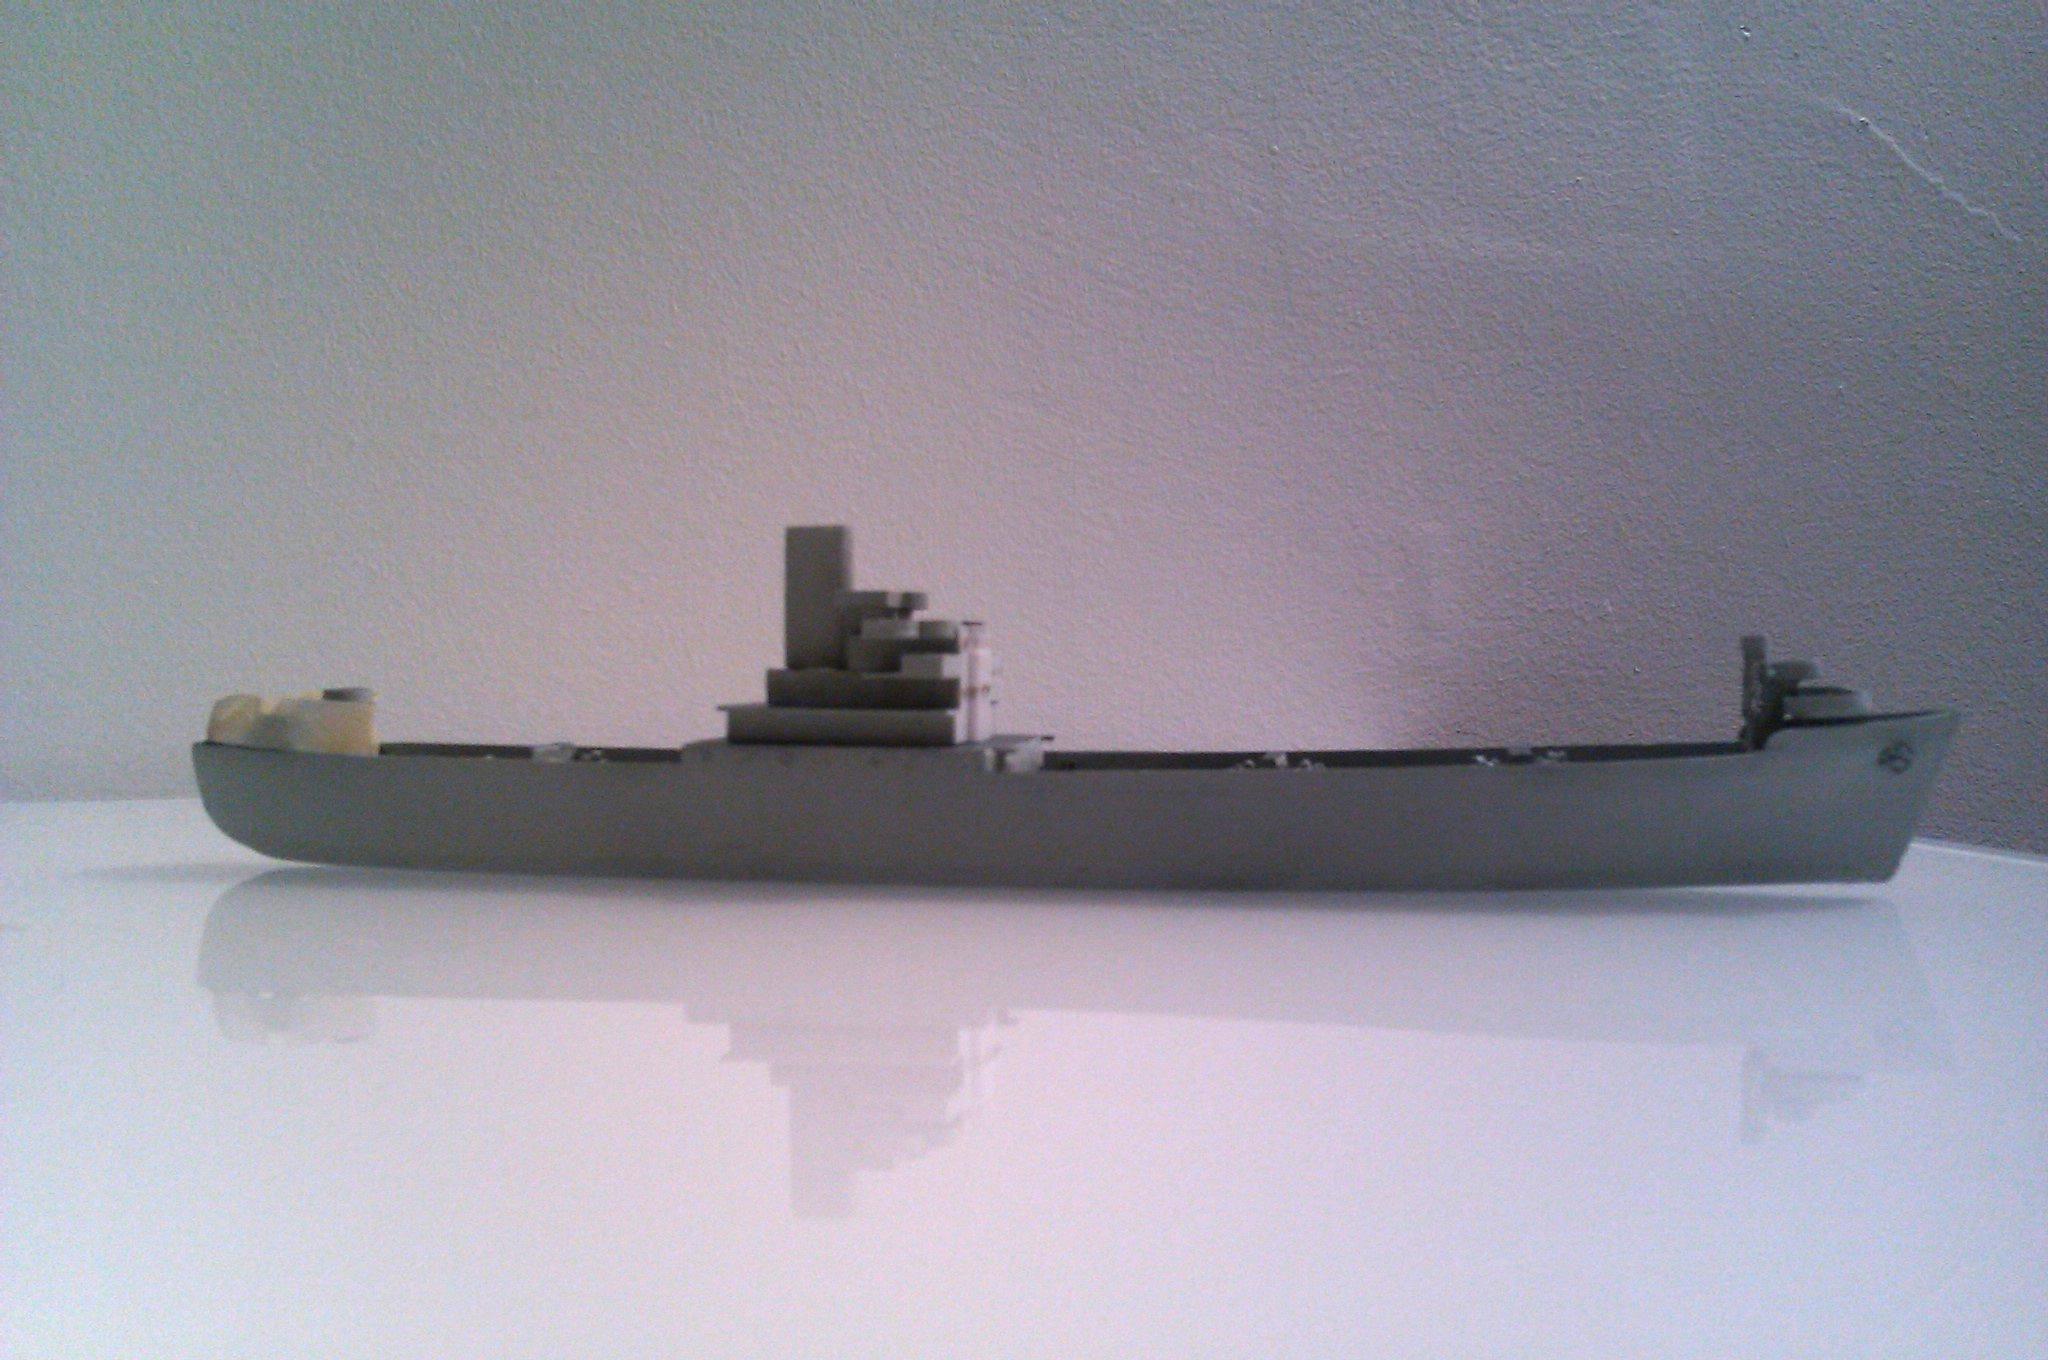 USS Thurston 1/700 à partir du kit Armerican scout de Loose cannon Gbu0jA4cO